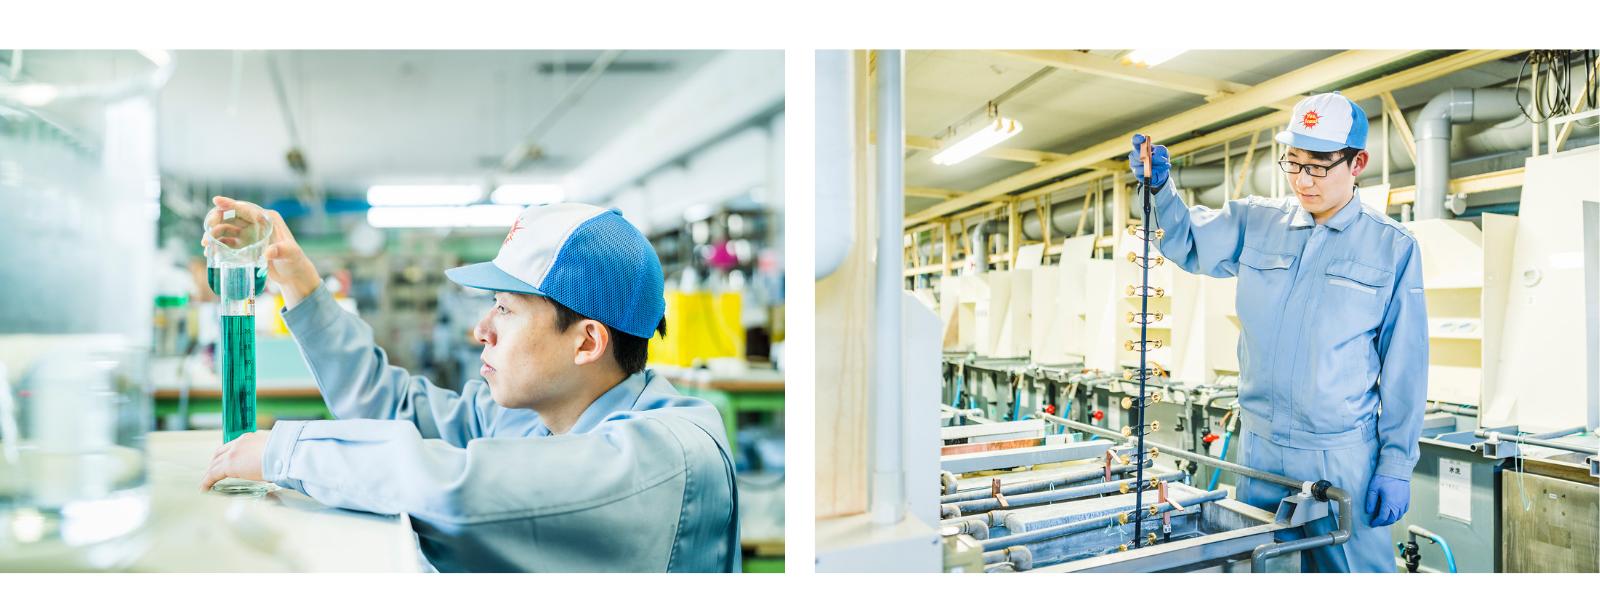 メッキの試作・サンプルのイメージ画像|サン工業株式会社